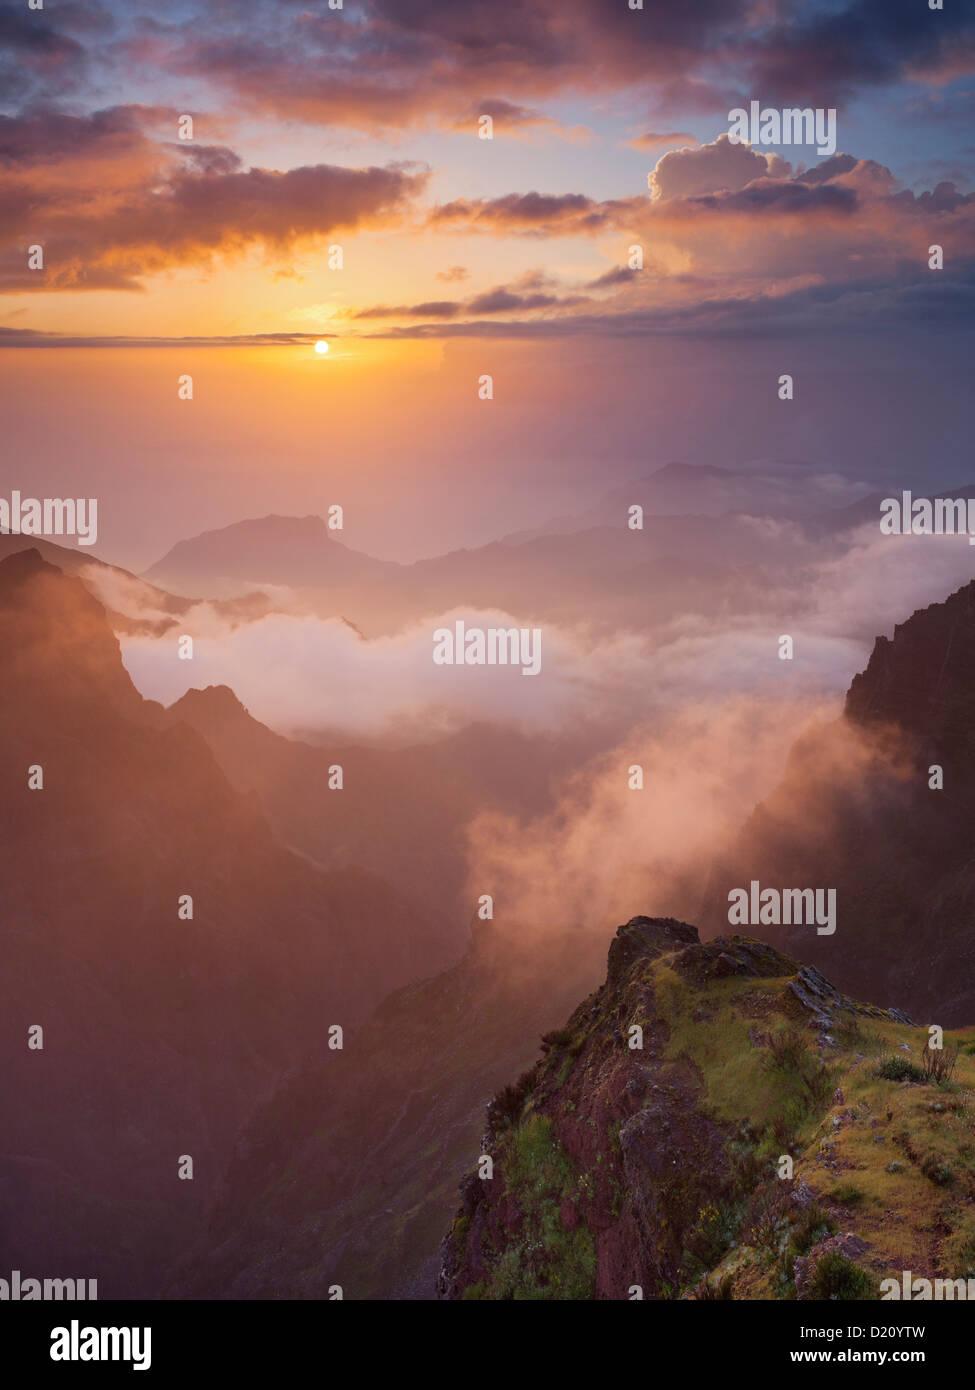 Sunrise at Miradouro Ninho da Manta, Pico do Arieiro, Madeira, Portugal Stock Photo